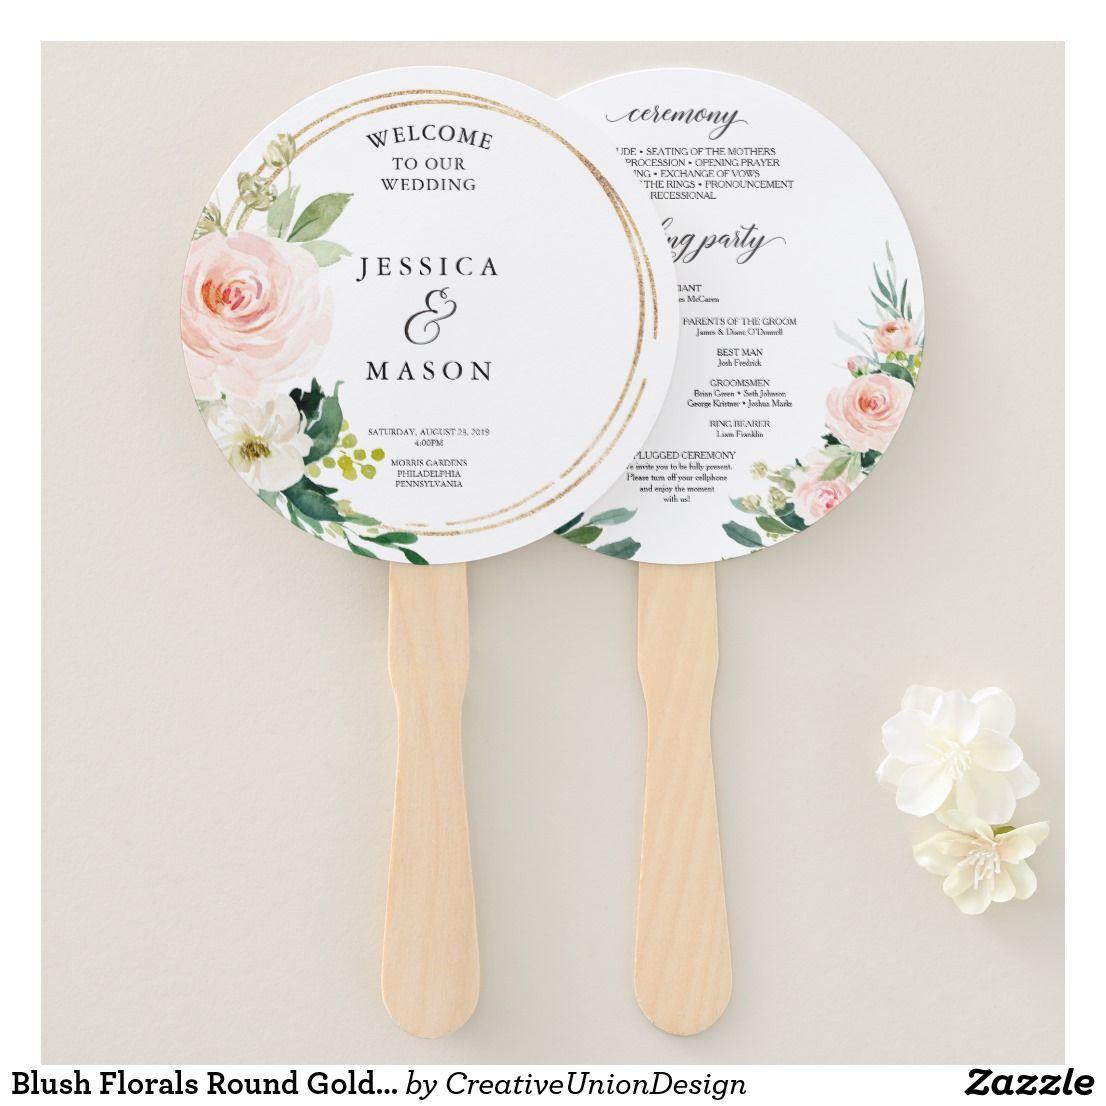 Blush florals round gold wedding program fan summer wedding